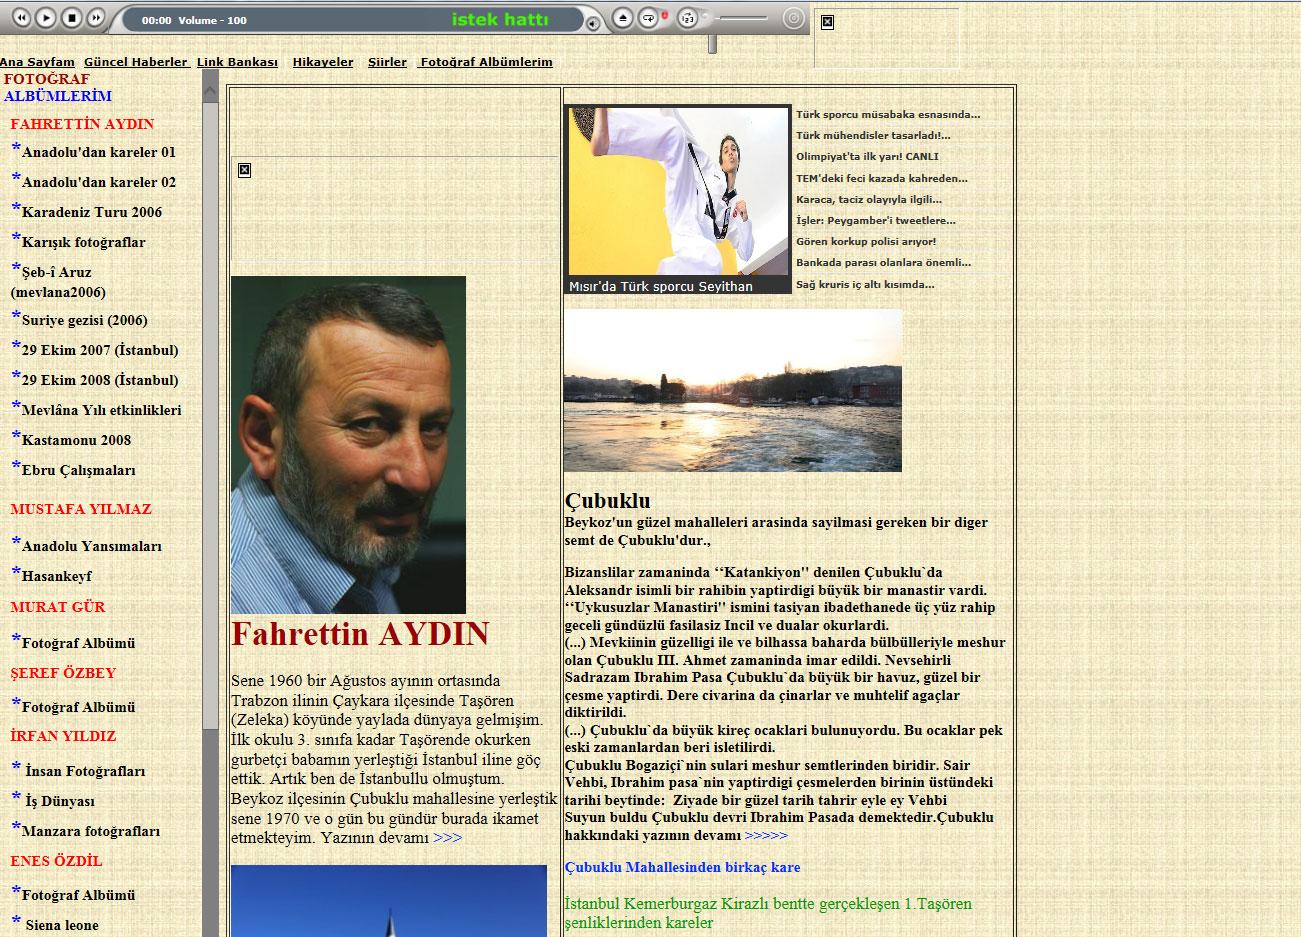 Fahrettin Aydin